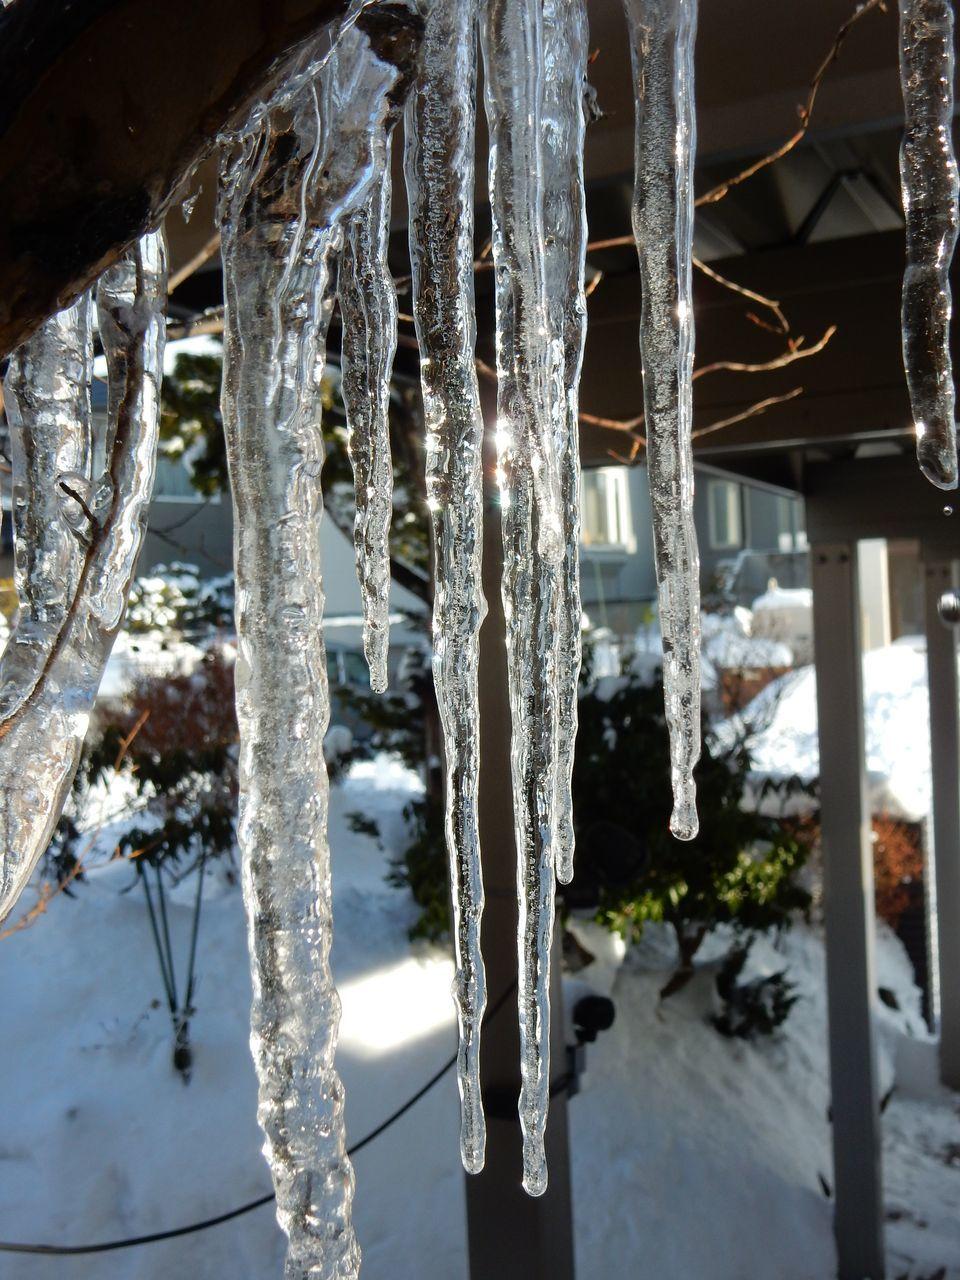 ようやく降雪のない一日がやってきてホッと一息_c0025115_21491346.jpg